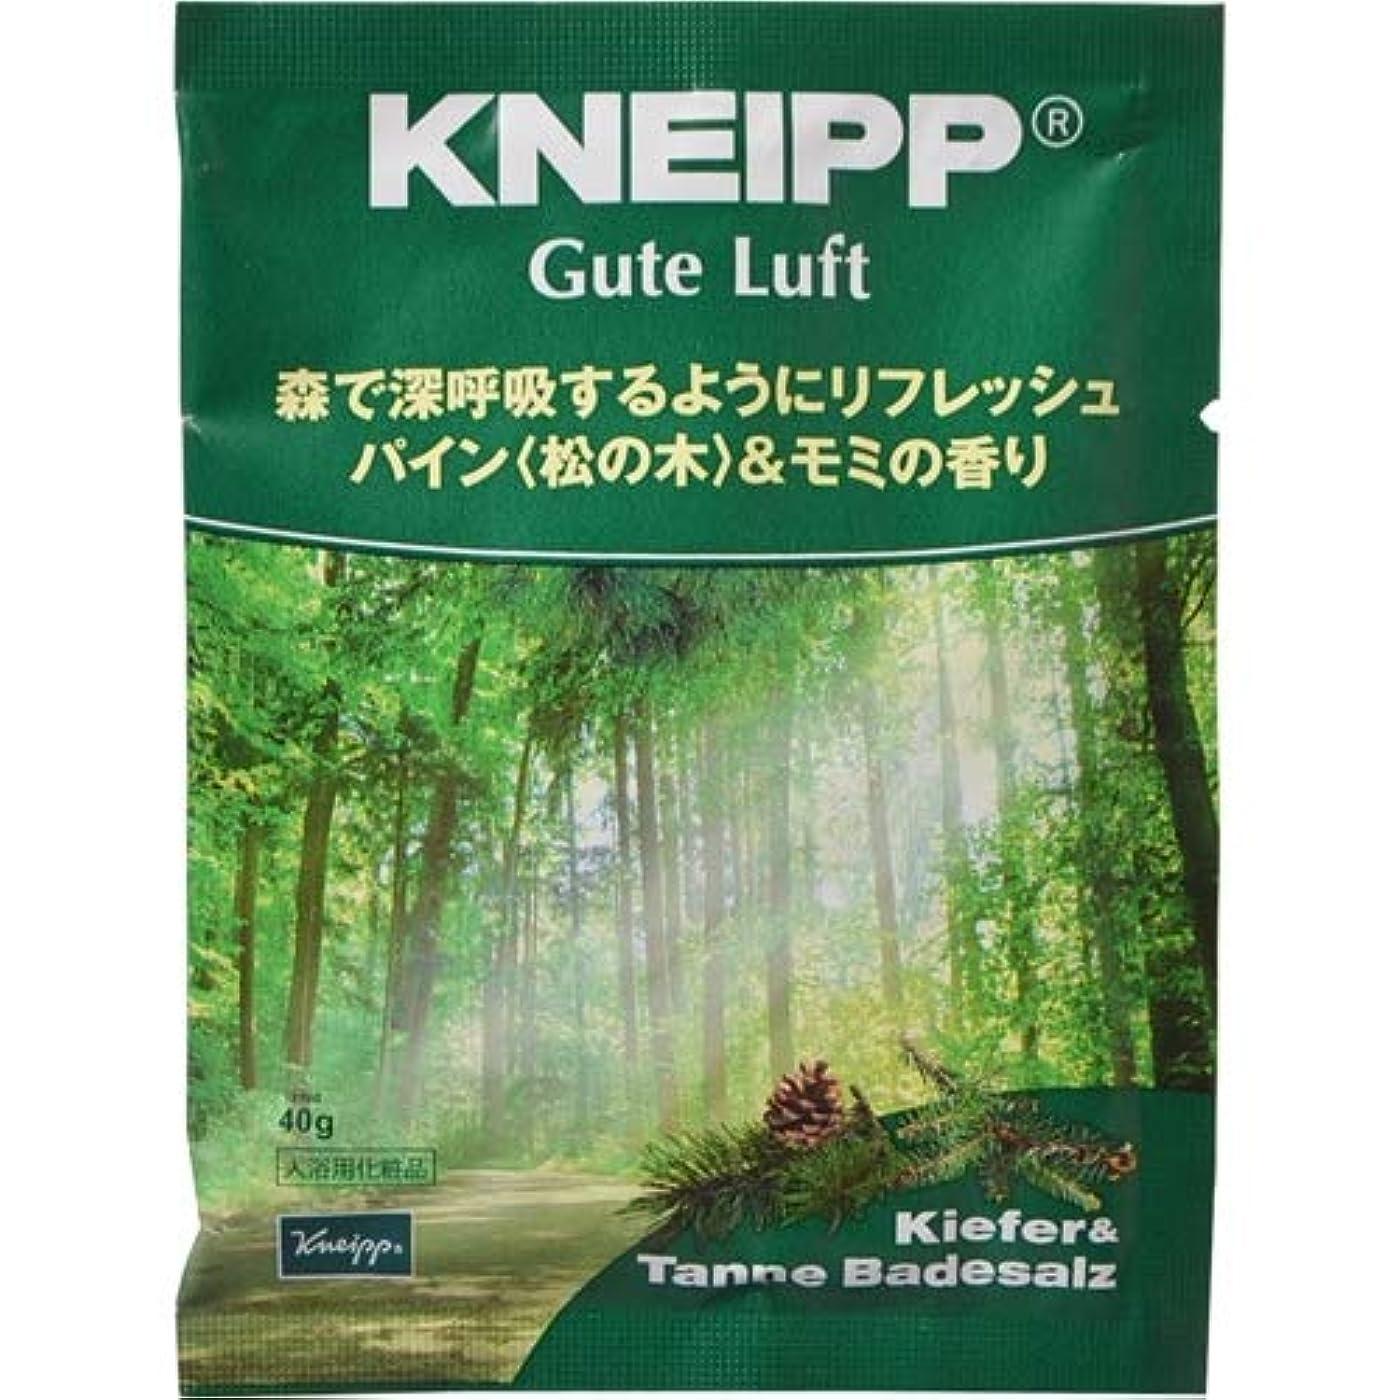 論理晴れニュージーランドクナイプ?ジャパン クナイプ グーテルフト バスソルト パイン<松の木>&モミの香り 40g